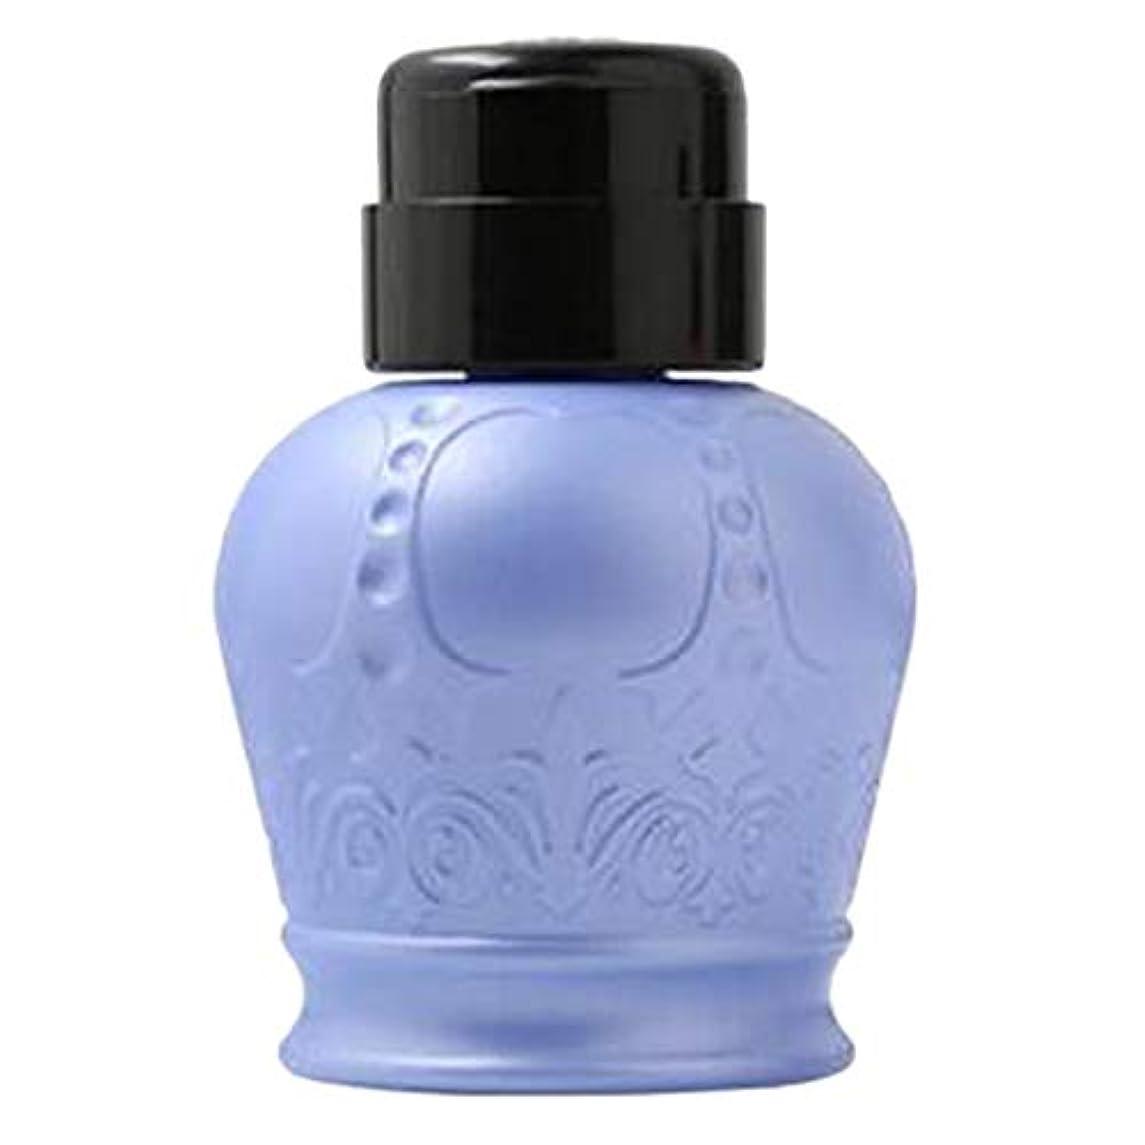 首相許容できる思春期DYNWAVE 全2色 ネイルアート用ディスペンサー アクリルリムーバーボトル ポンプボトル 軽量 耐久性 - ブルー